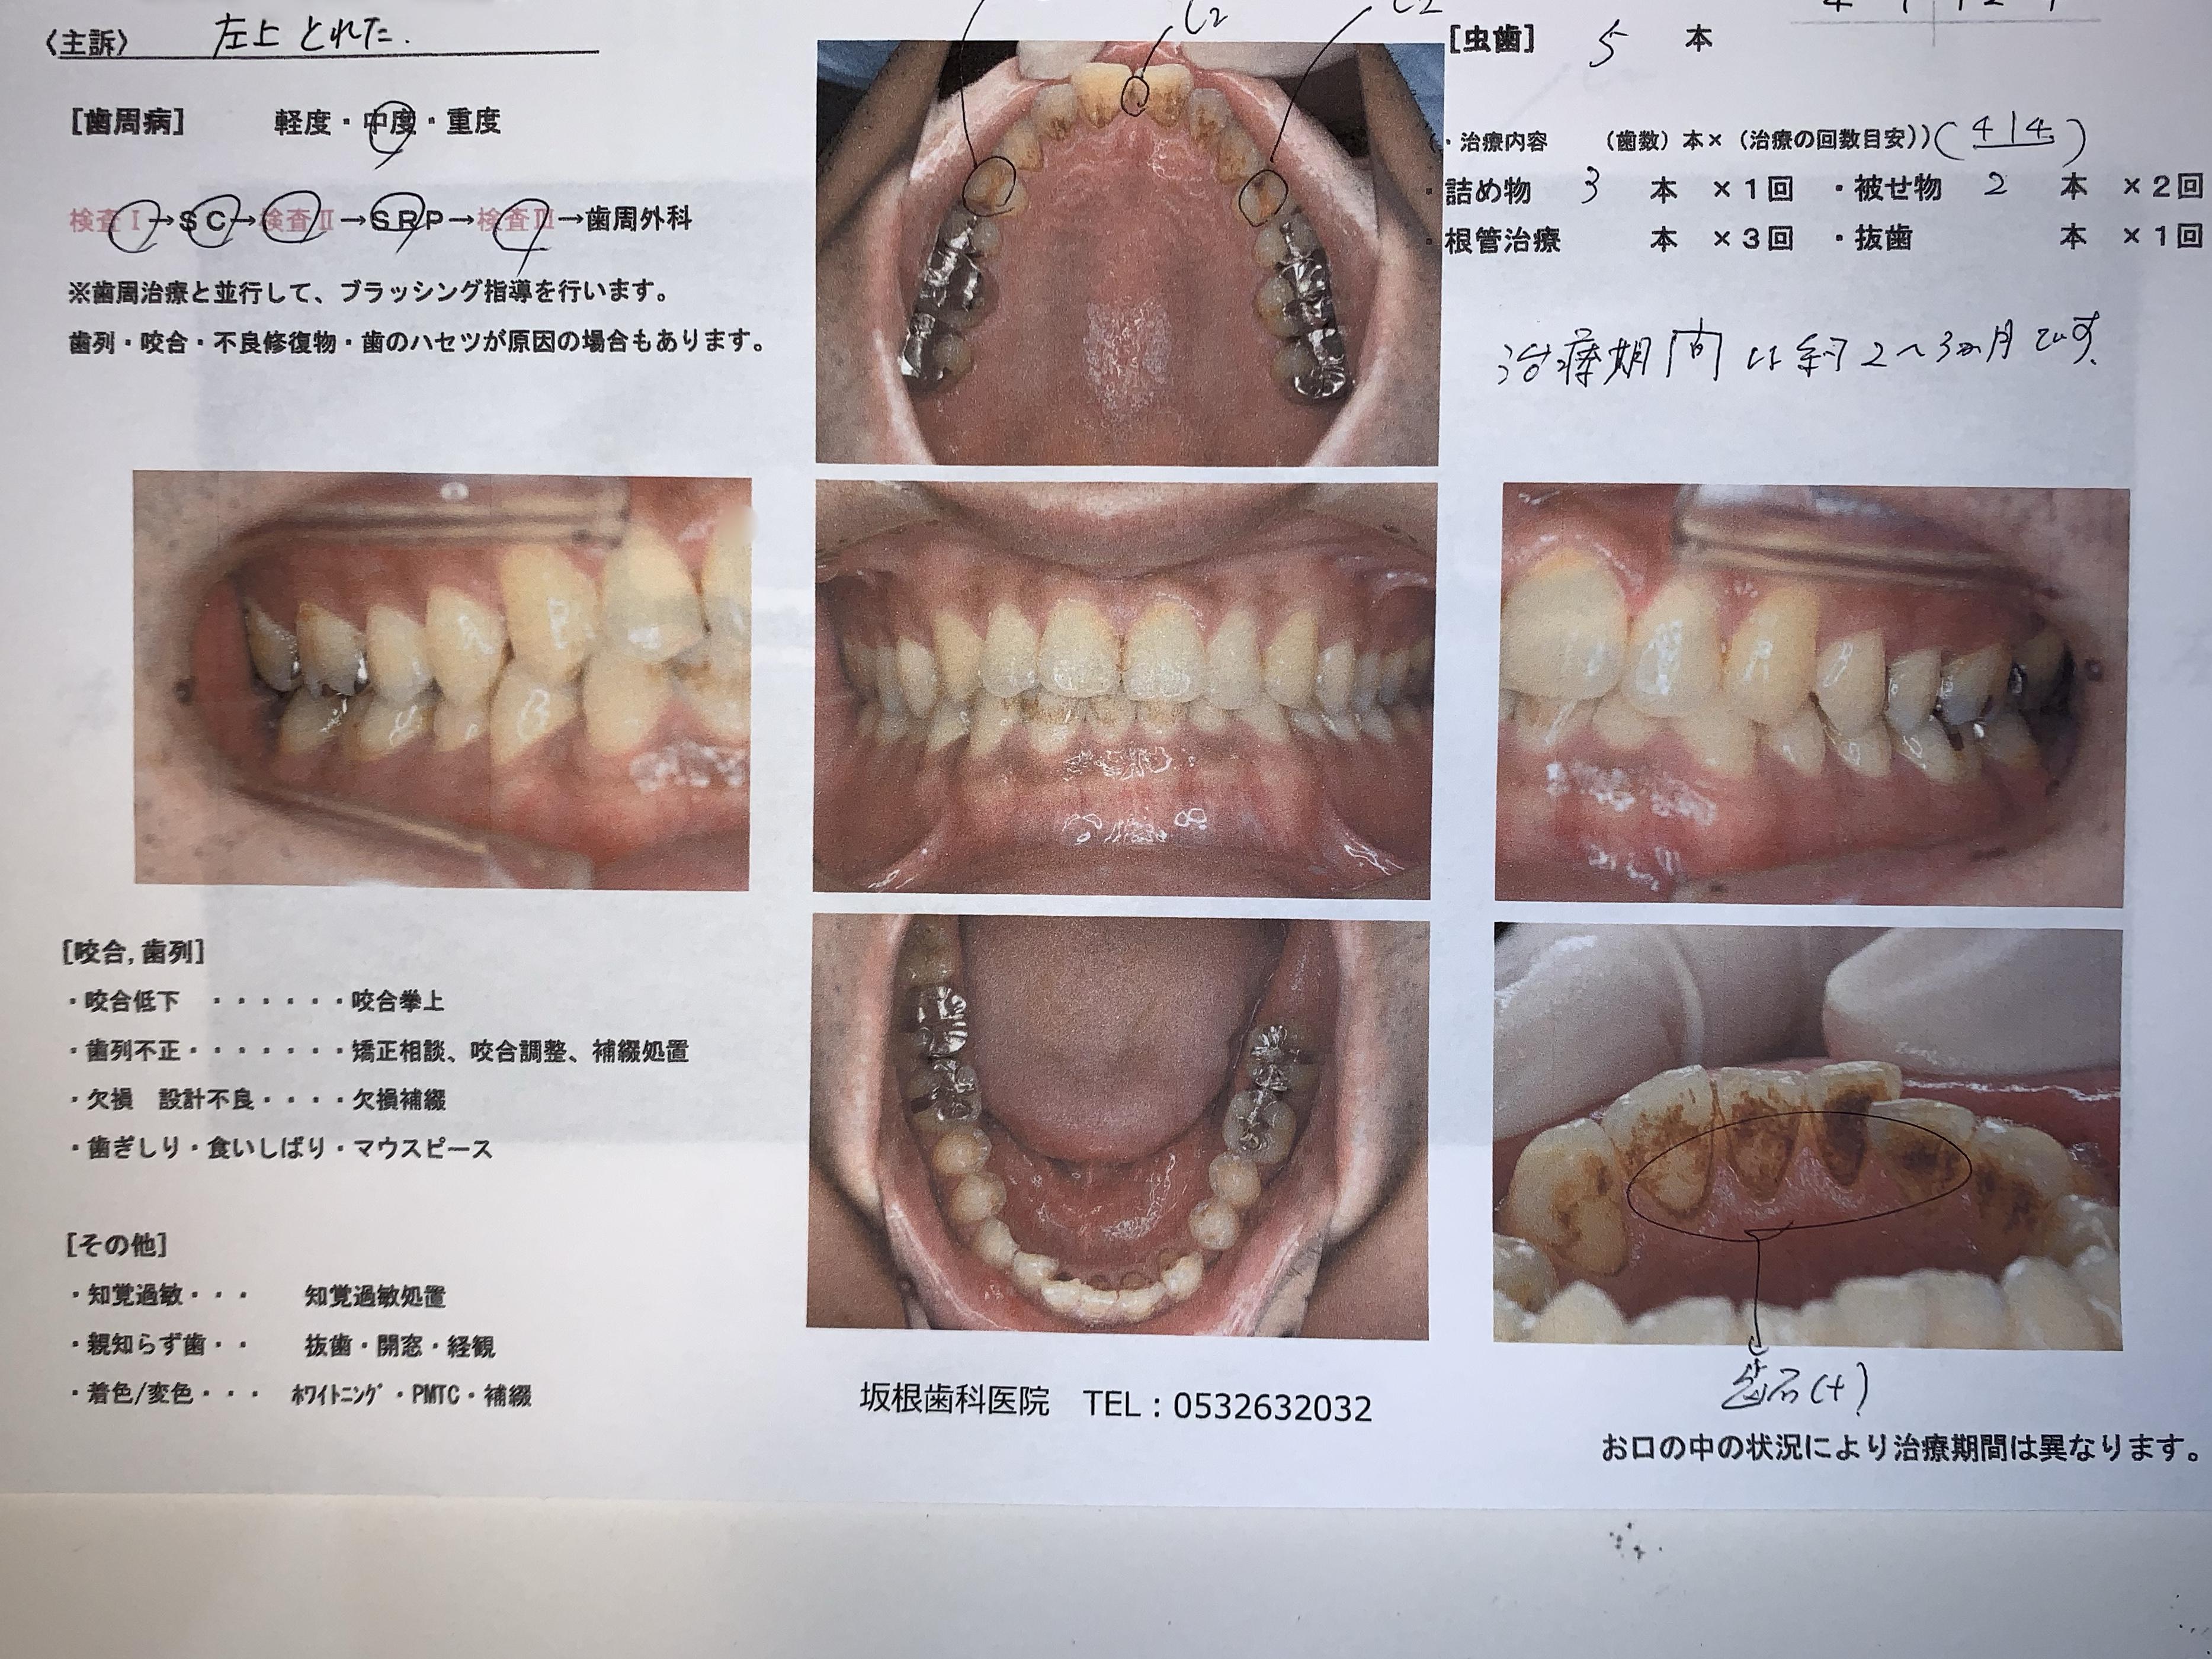 歯科治療の説明とカウンセリングについて